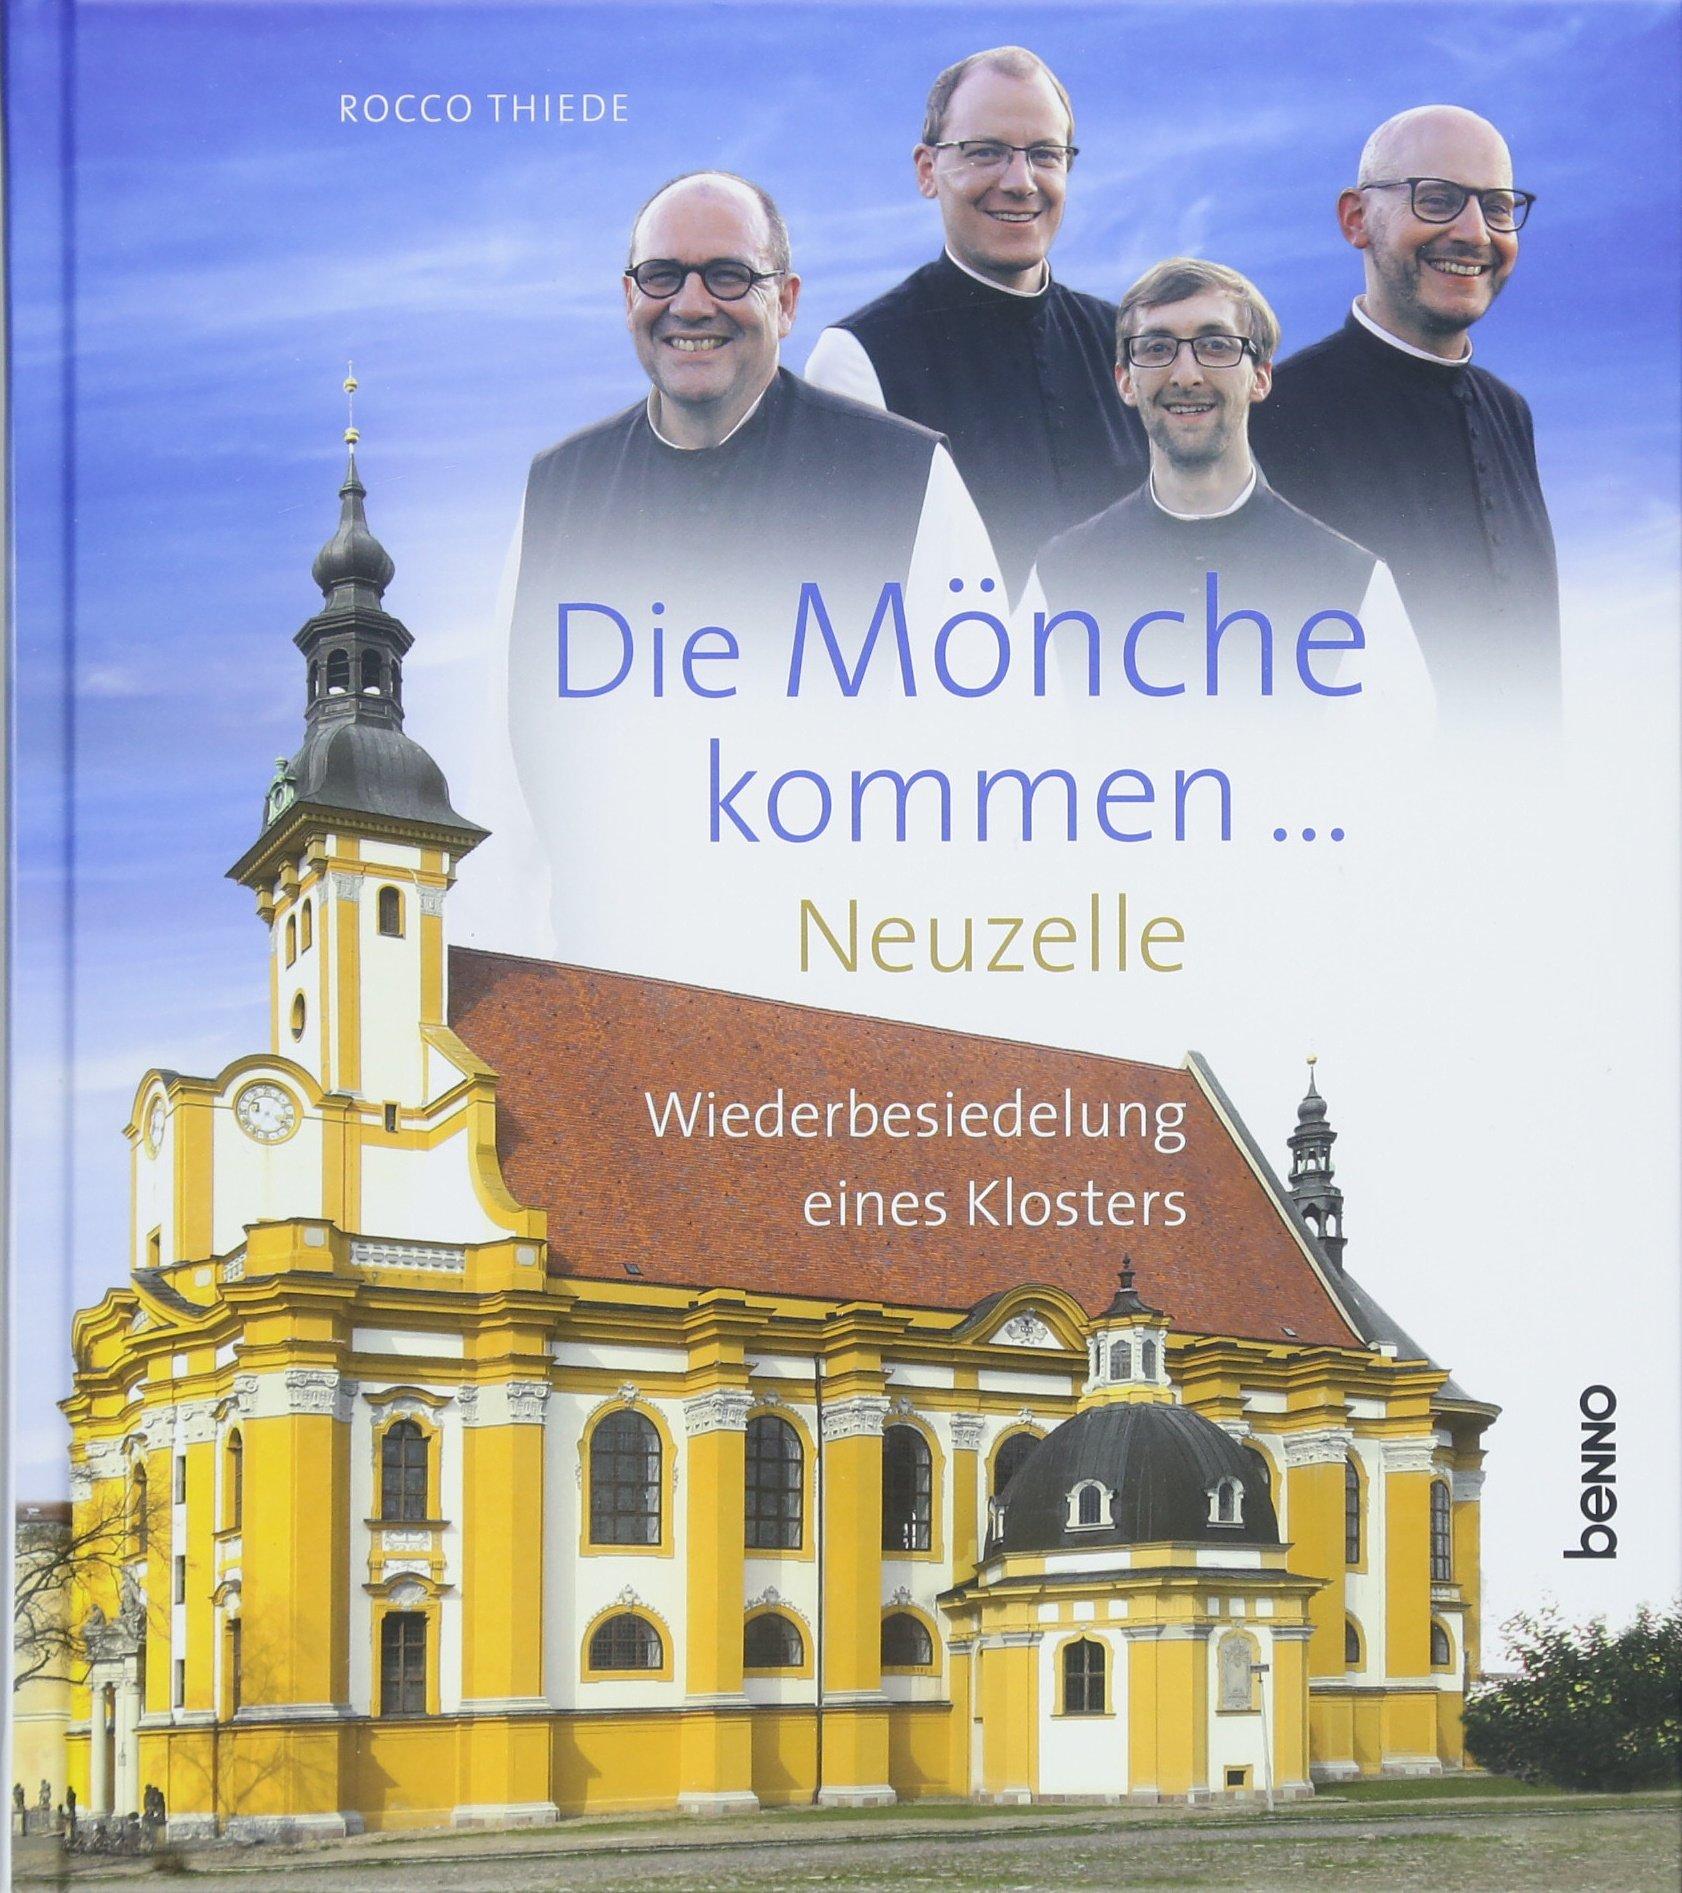 Die Mönche kommen:  Neuzelle – Wiederbesiedelung eines Klosters